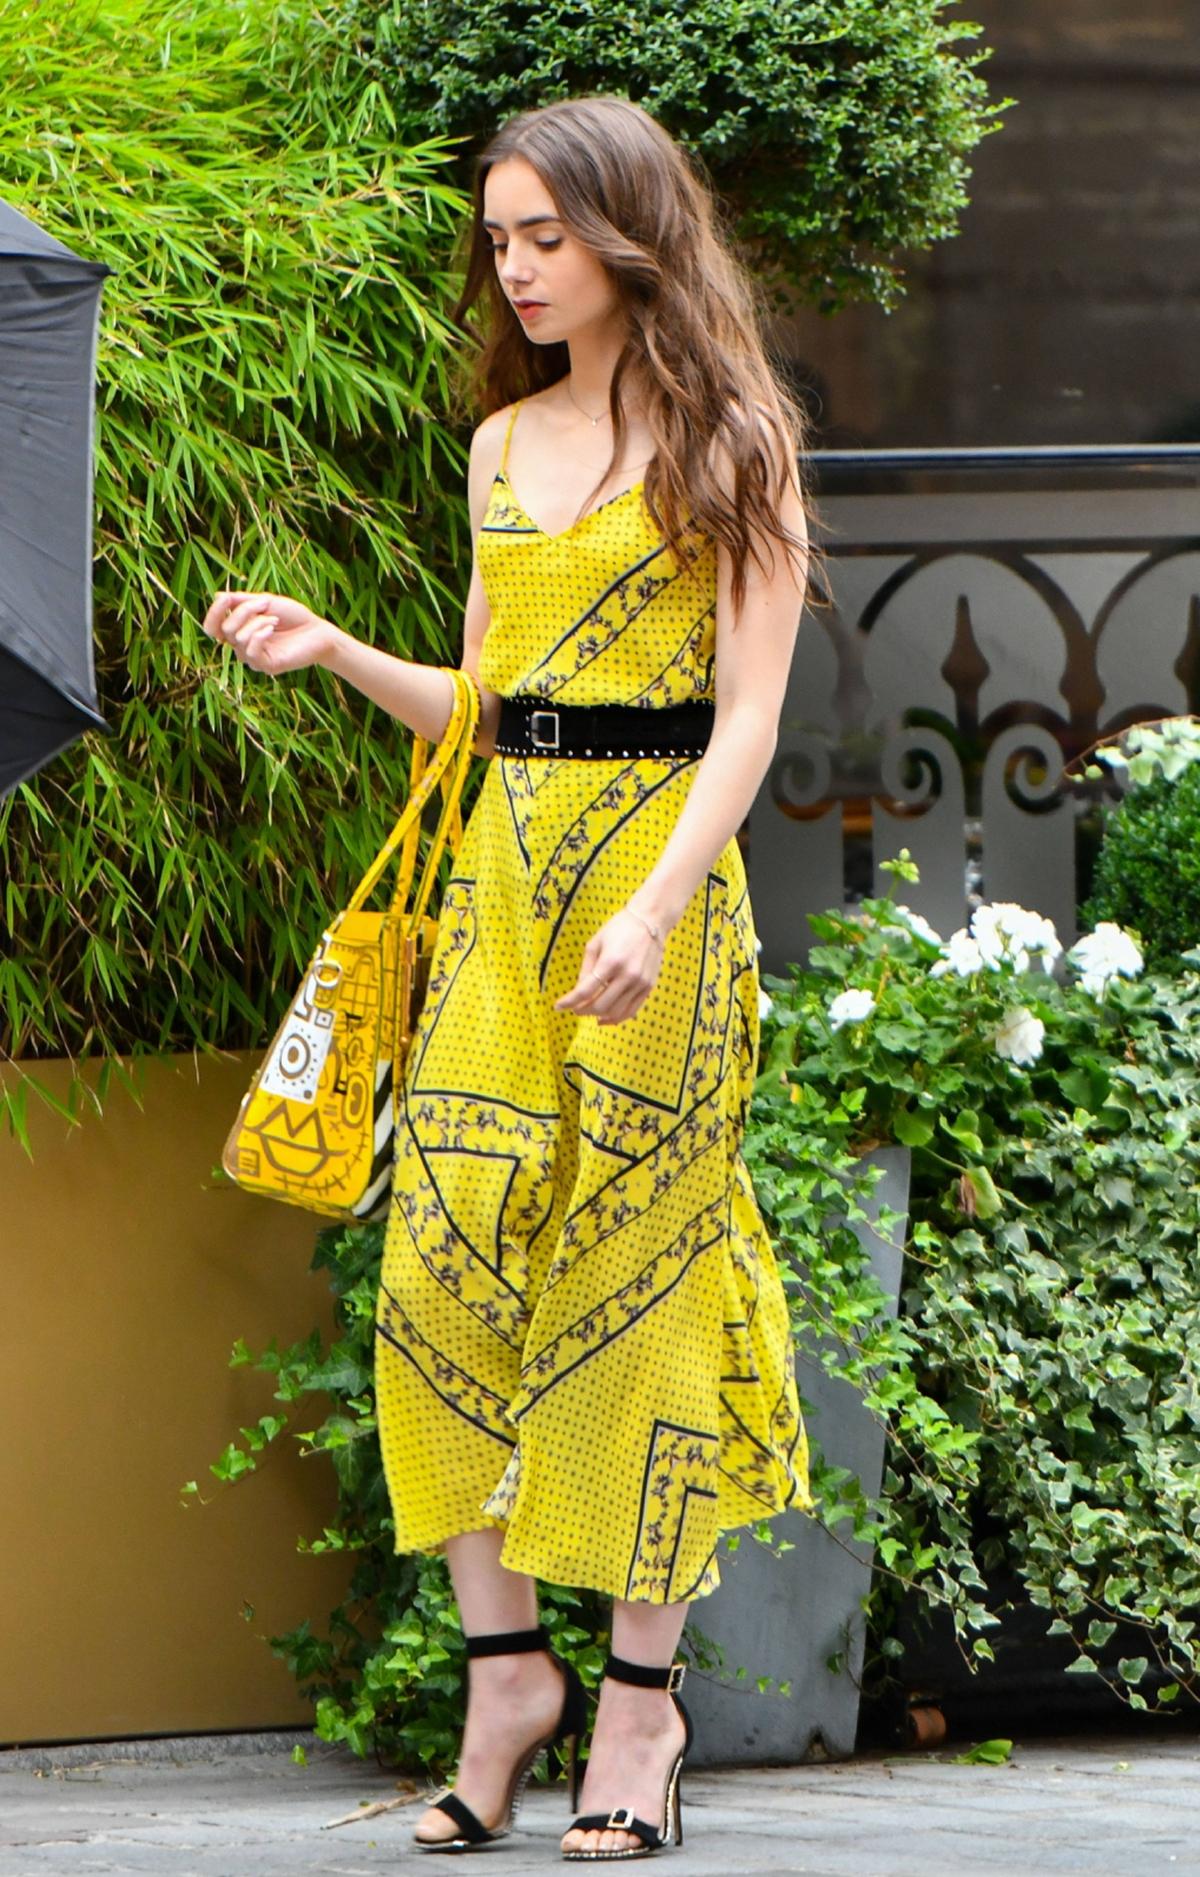 Người hâm mộ nhận xét set áo lụa, chân váy midi màu vàng tươi từ hãng Ganni làm bật làn da trắng của Lily Collins. Cô xách túi Patricia Field họa tiết tông vàng, mang thắt lưng Rag & Bone tạo sự đồng điệu với sandals. Ảnh: The Mega Angecy